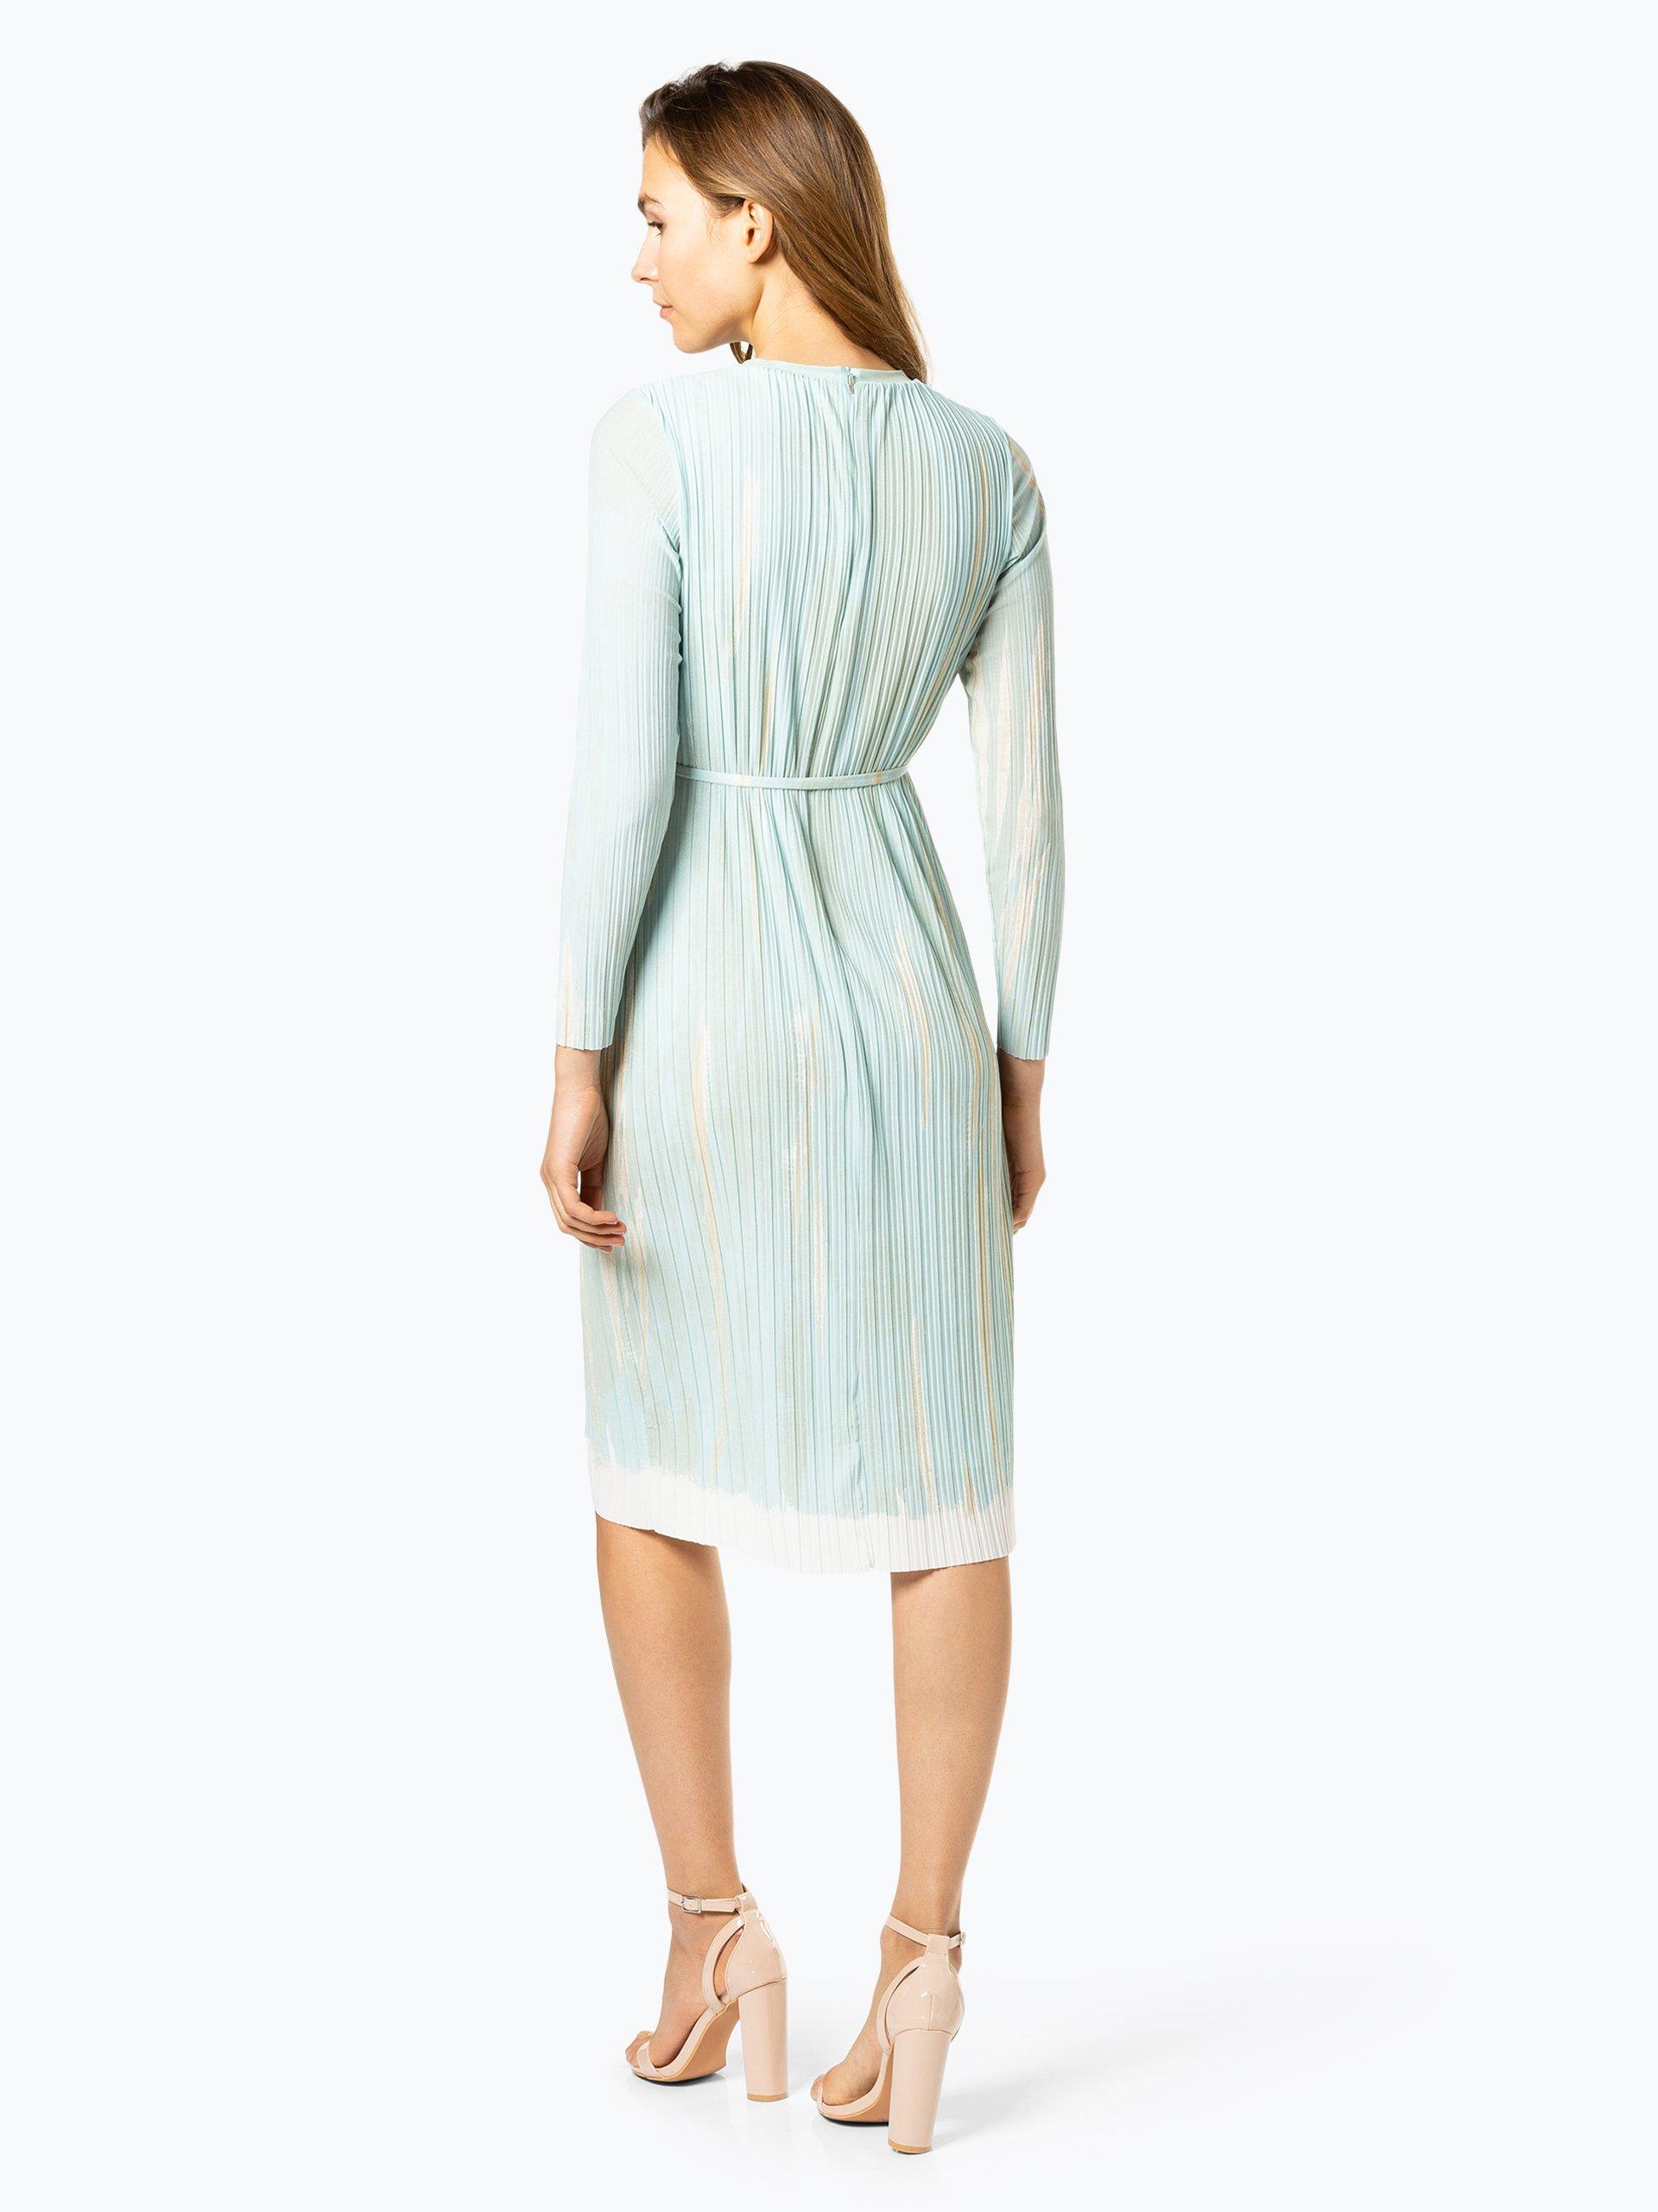 BOSS Damen Kleid - Etanika